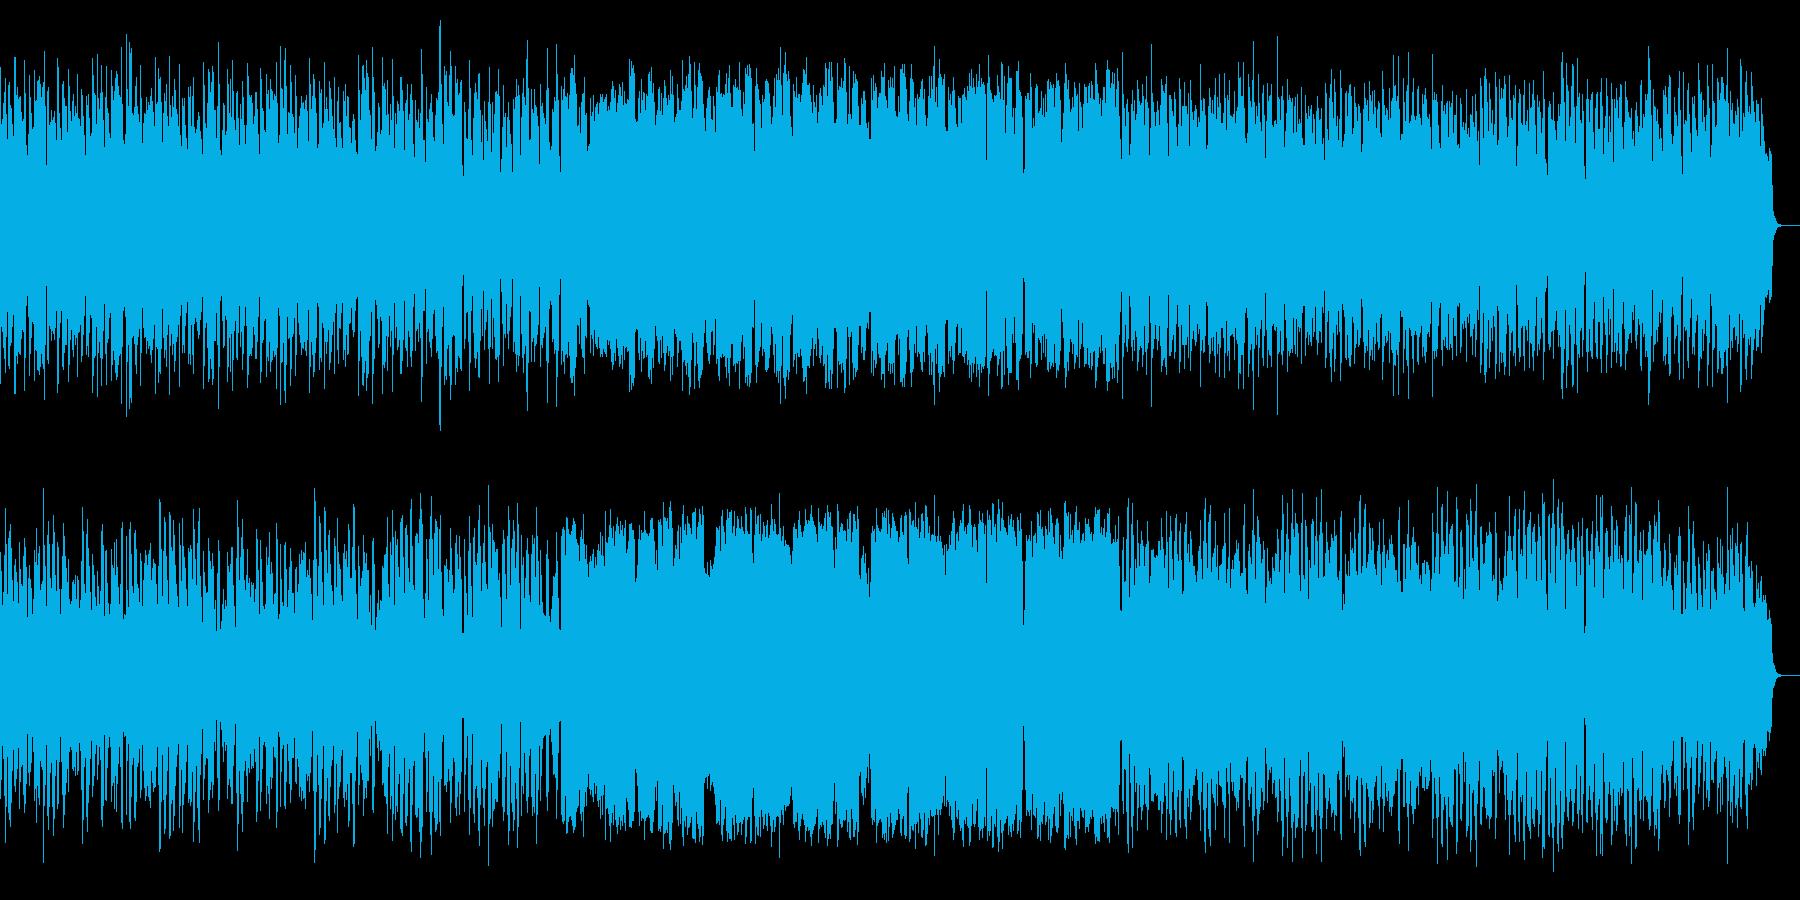 ほのぼのと優しさ溢れるメロディアスな楽曲の再生済みの波形